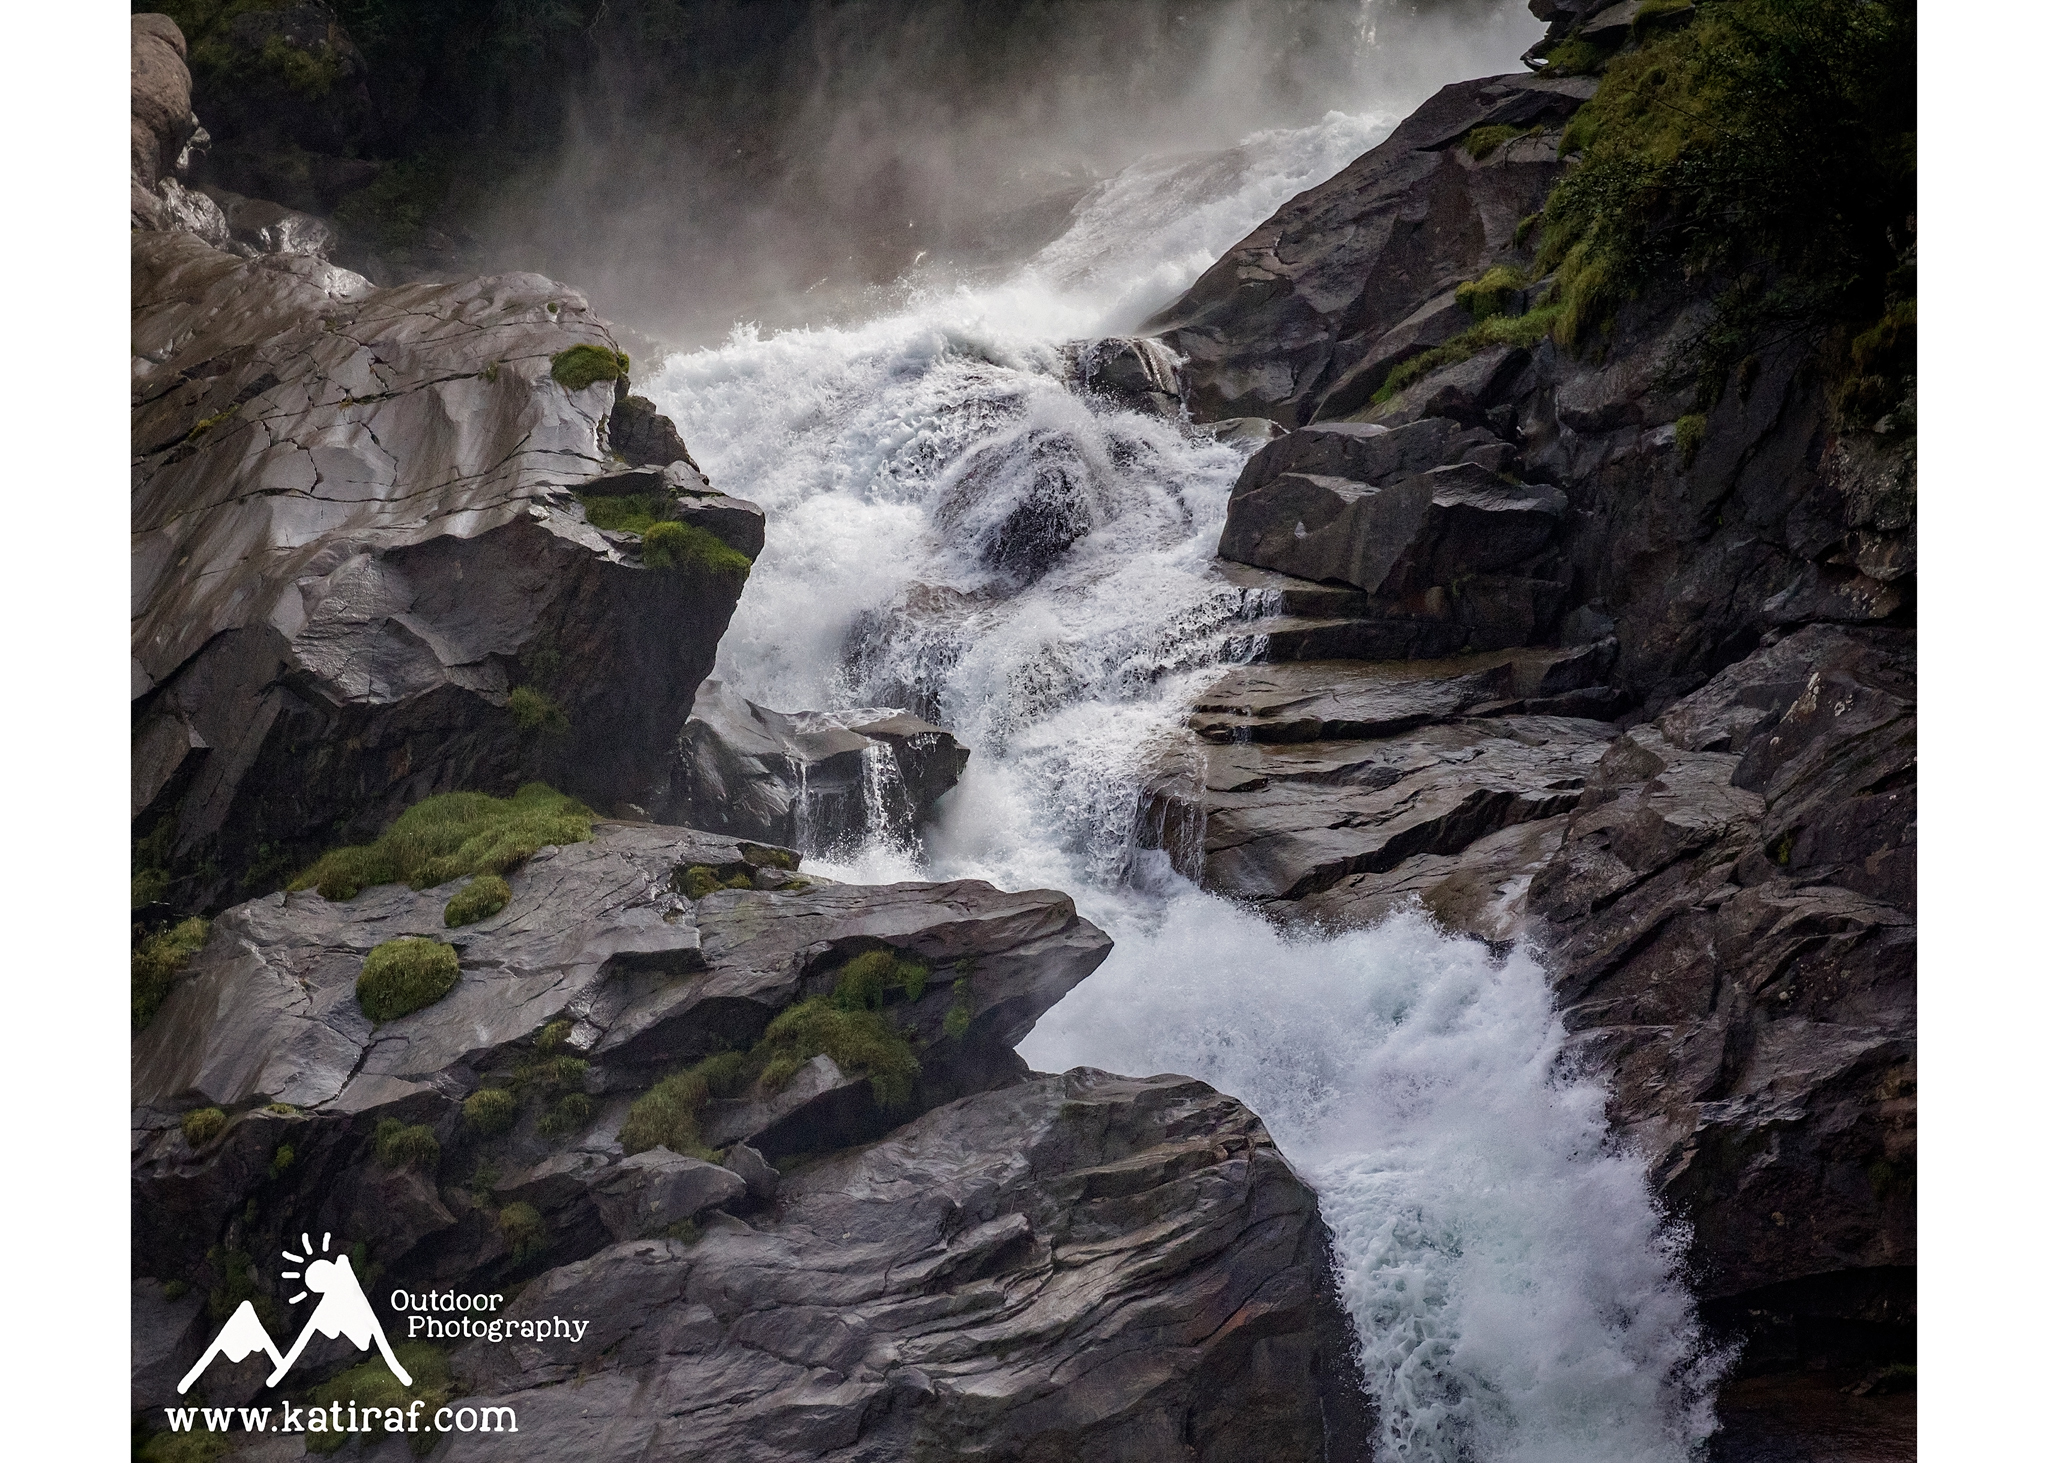 katiraf-wodospady-krimml-austria-gory